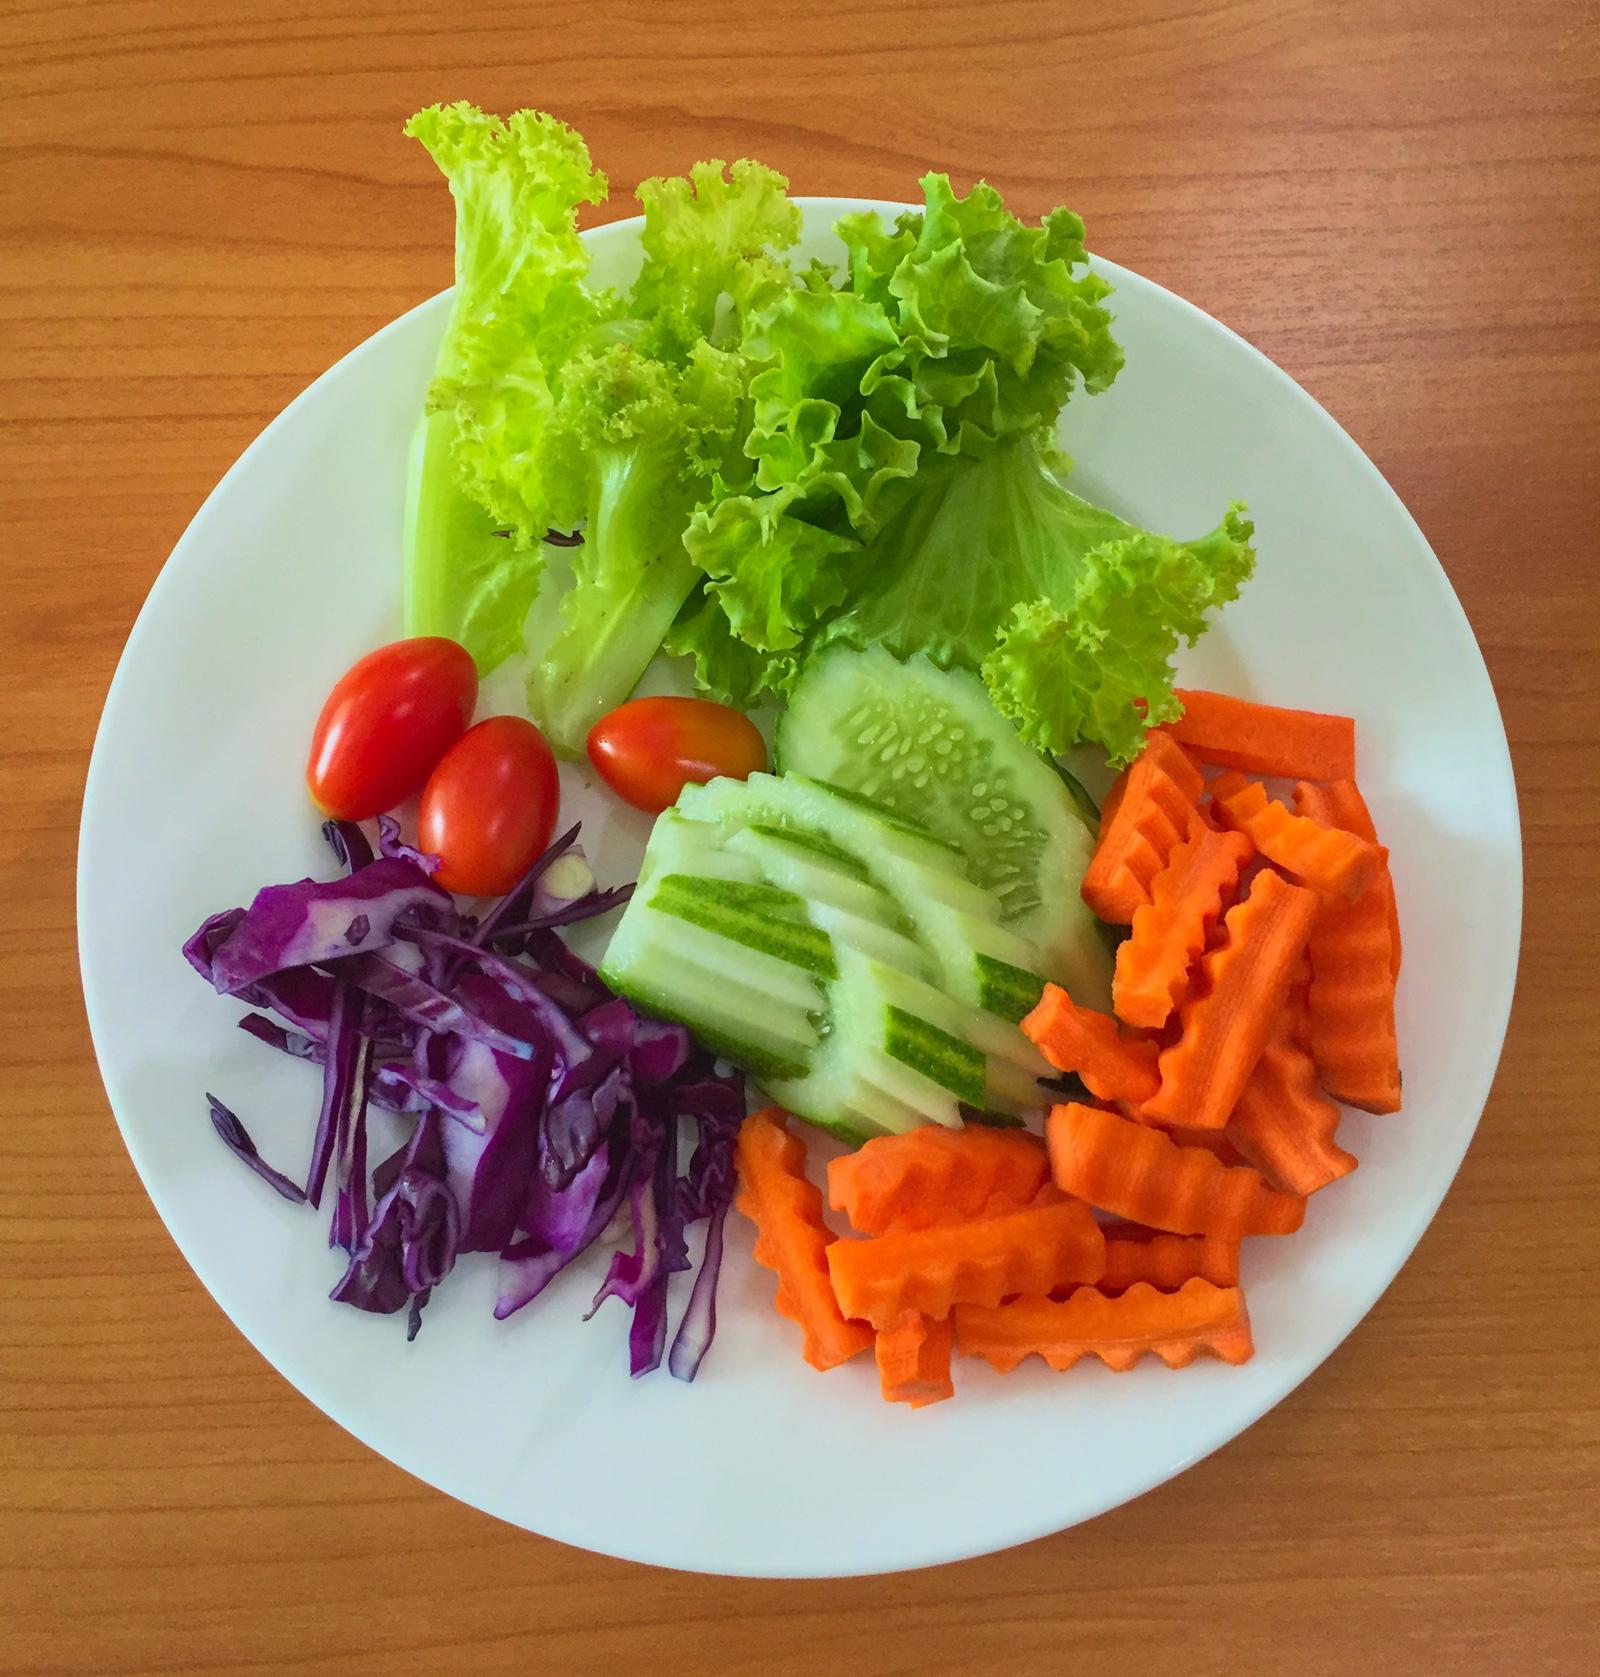 Mixed fresh vegetables